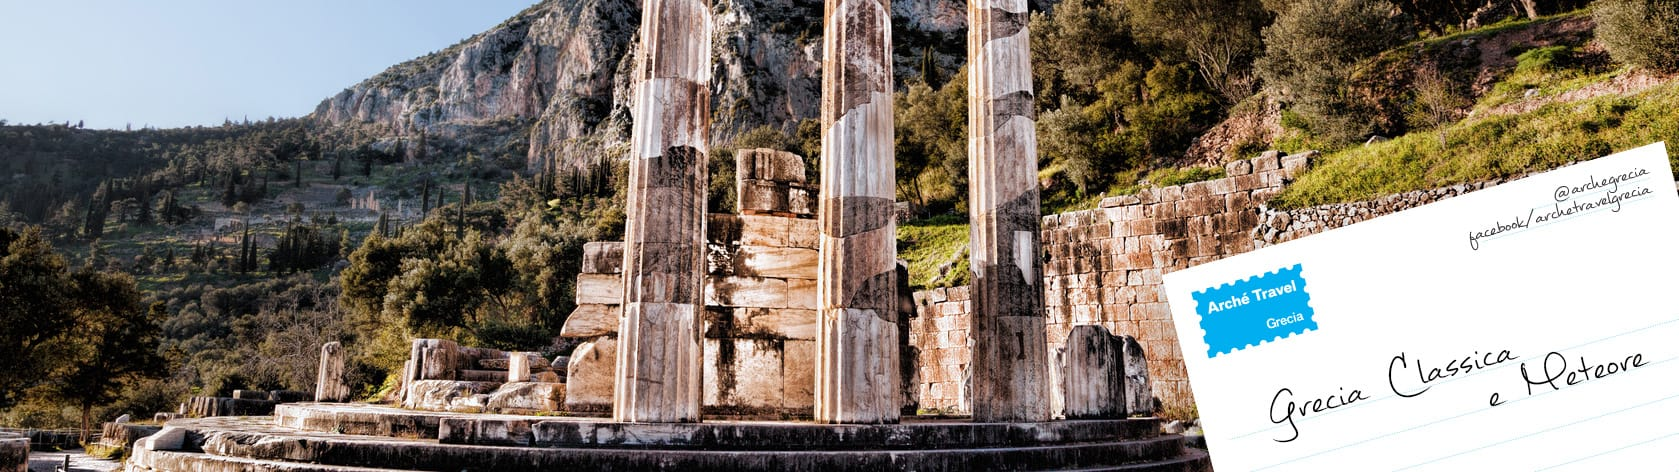 Tour Grecia Classica e Meteore - Arché Travel Grecia